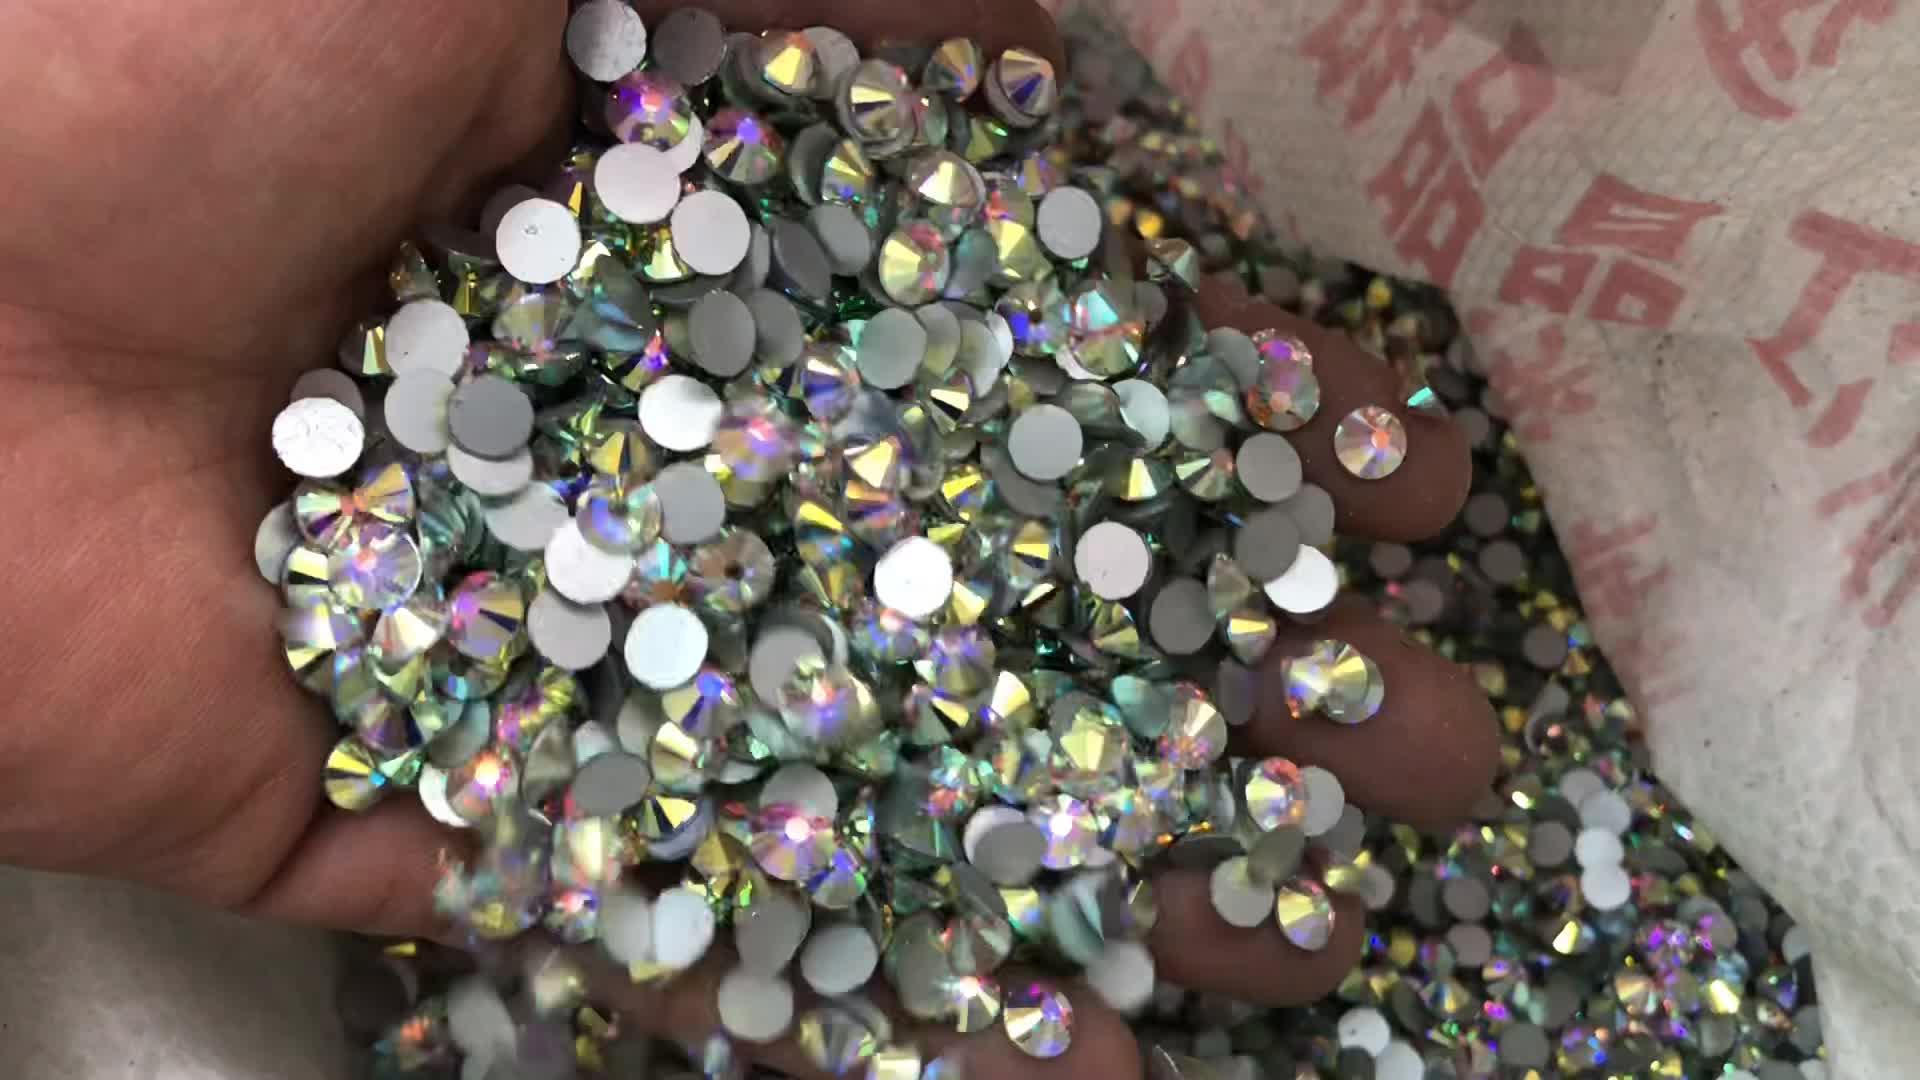 SS 6 10 16 20 30 50 Glitter Pha Lê AB Strass Đính Vòng Flatback Pha Lê Thủy Tinh Thạch Cho Móng Tay Nghệ Thuật trang trí